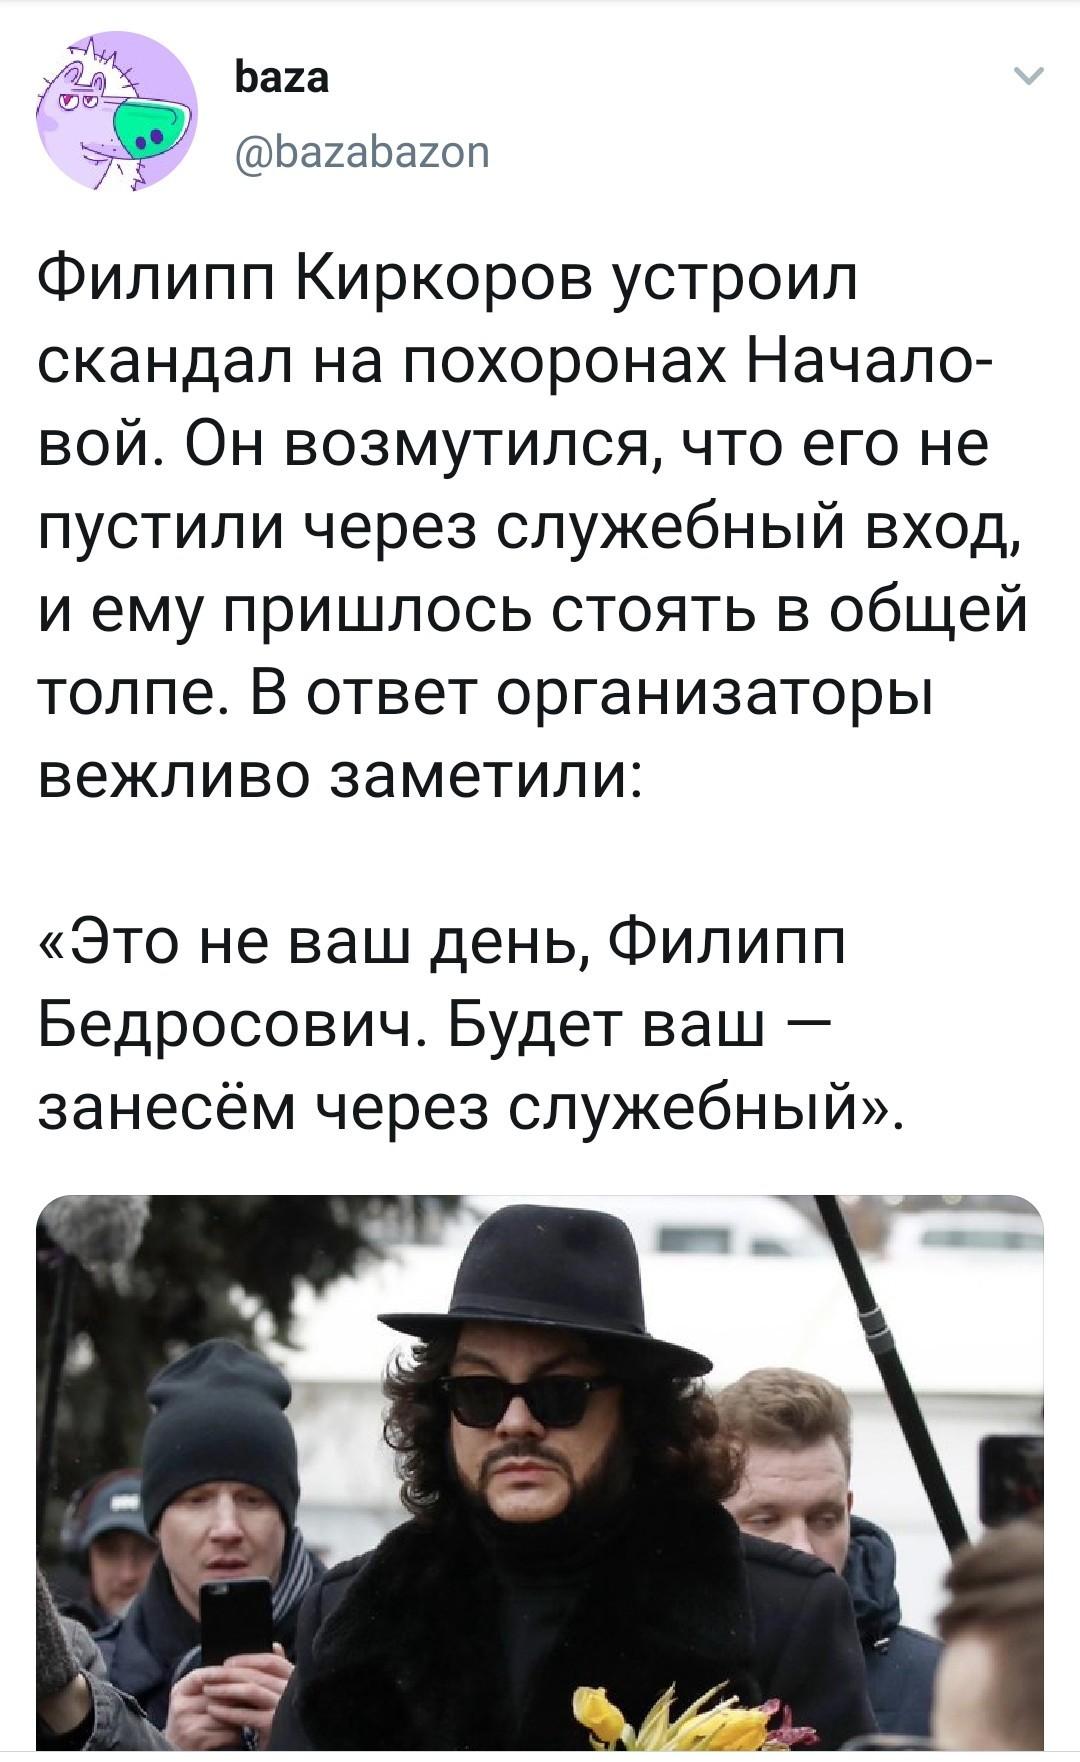 Киркоров устроил скандал на похоронах Началовой.